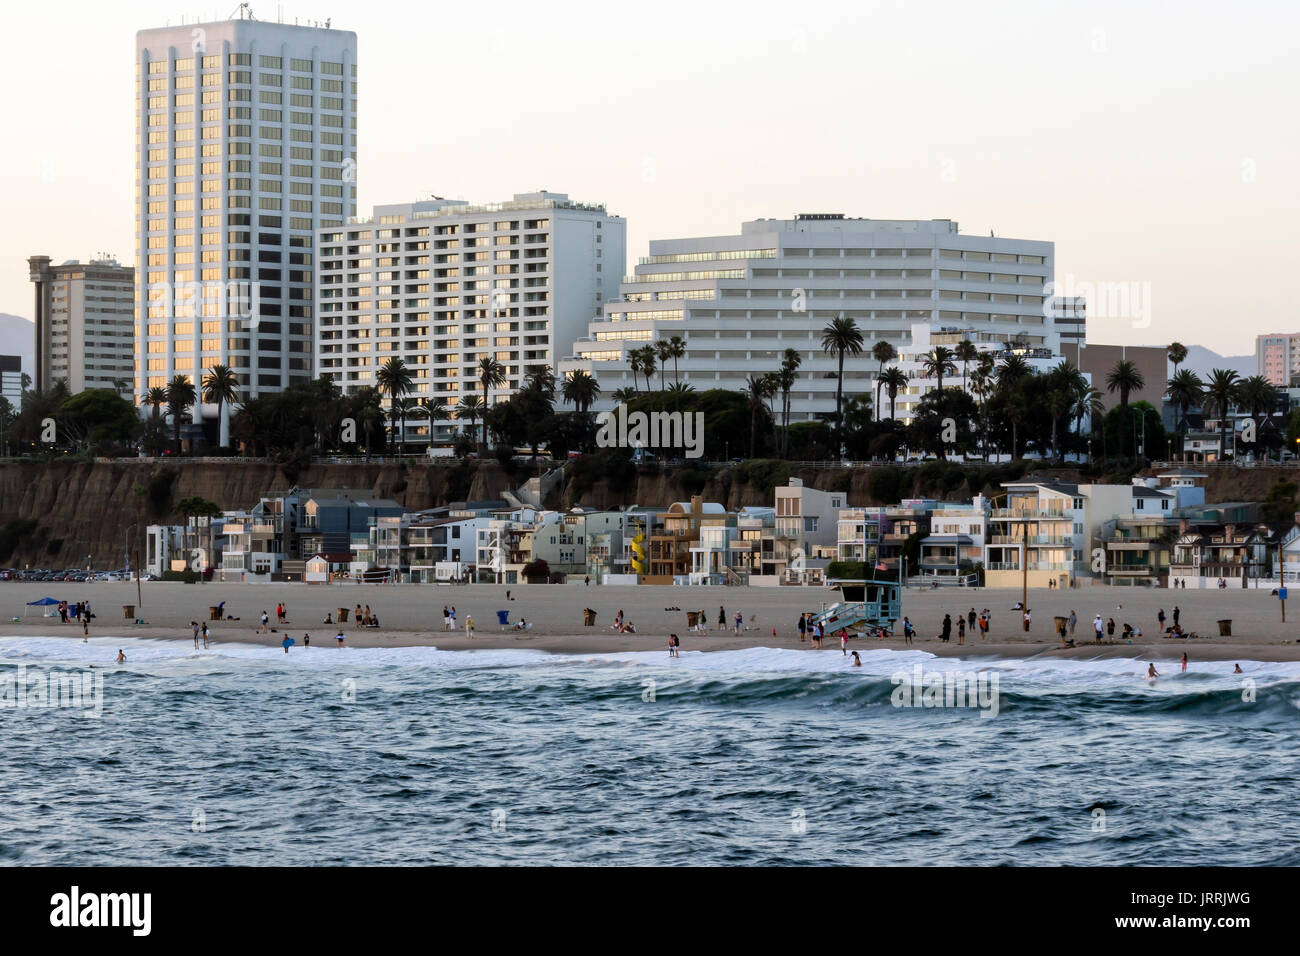 Playas de Santa Monica, cercano un la Ciudad de Los Angeles CA, la foto fue tomada desde el Muelle de Santa Monica antes del anochecer Immagini Stock